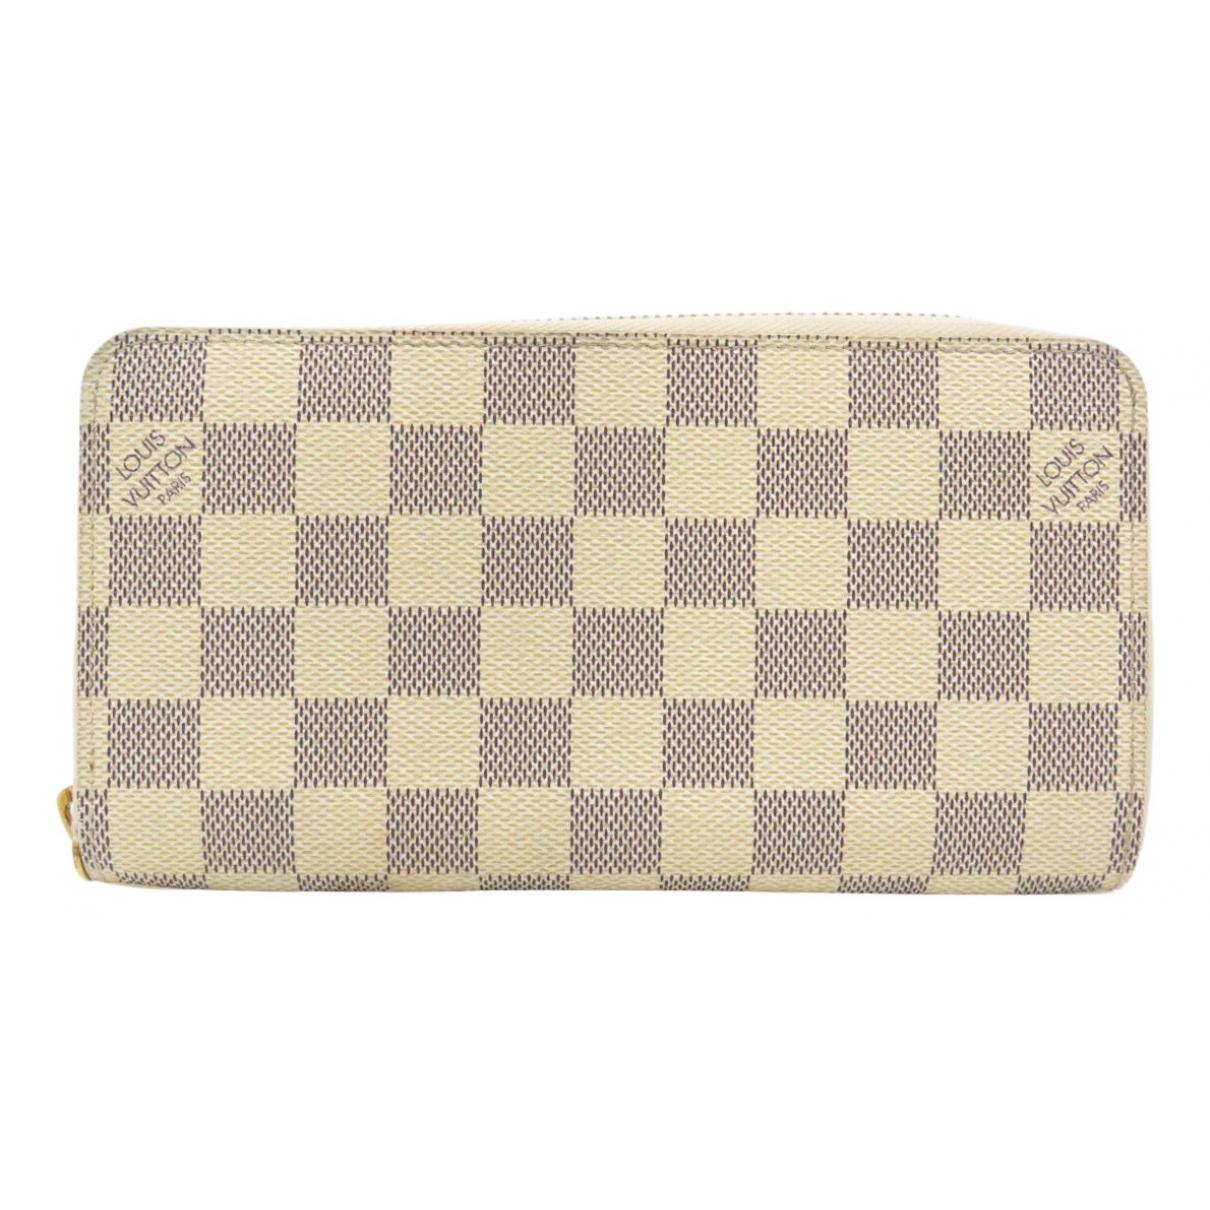 Louis Vuitton - Portefeuille Zippy pour femme en toile - bleu